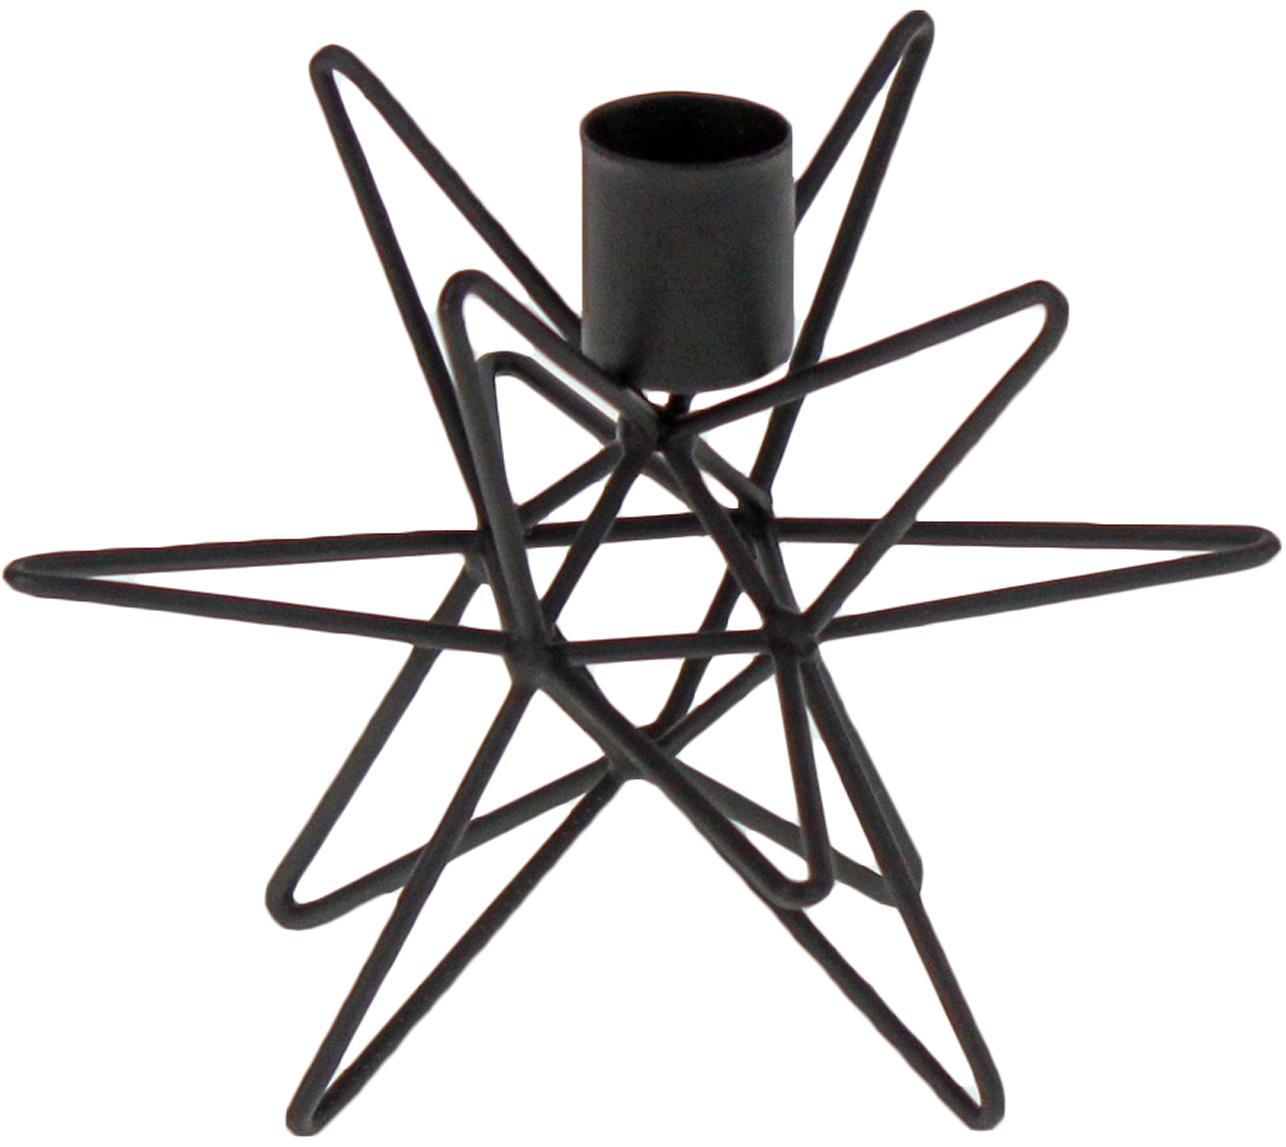 Kerzenhalter Cosma, Metall, lackiert, Schwarz, Ø 15 x H 11 cm